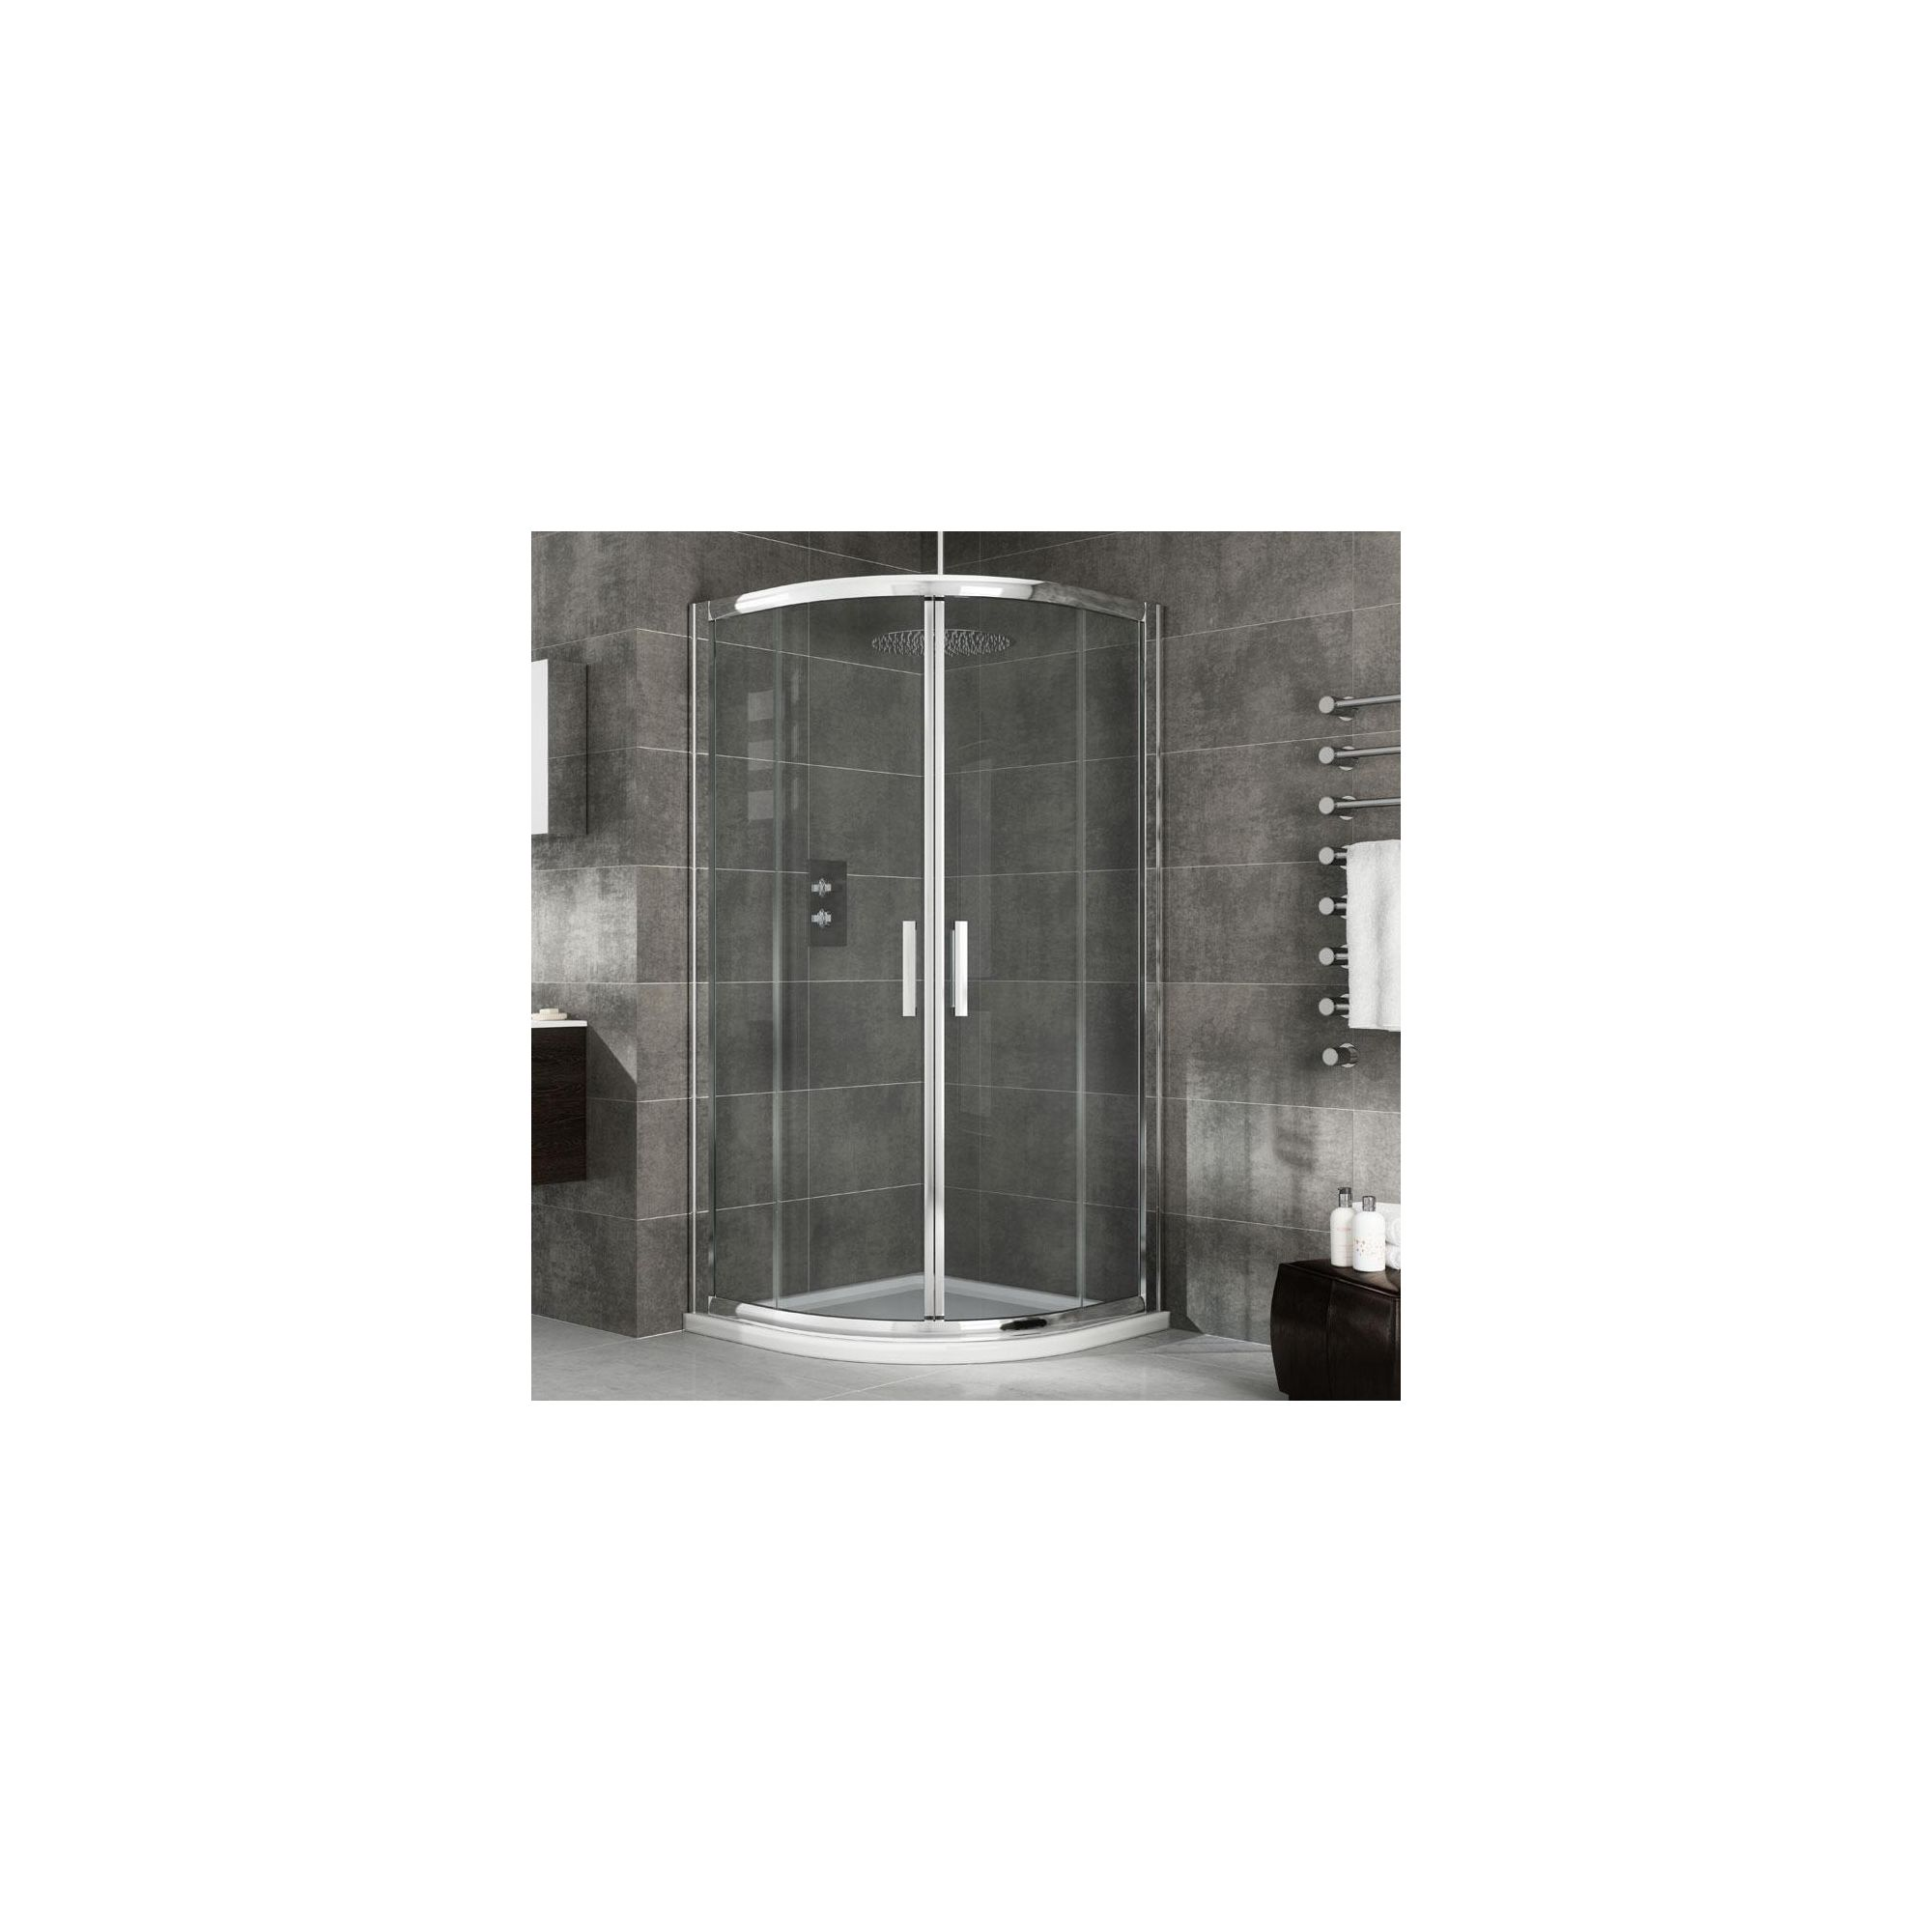 Elemis Eternity Two-Door Quadrant Shower Door, 800mm x 800mm, 8mm Glass at Tescos Direct